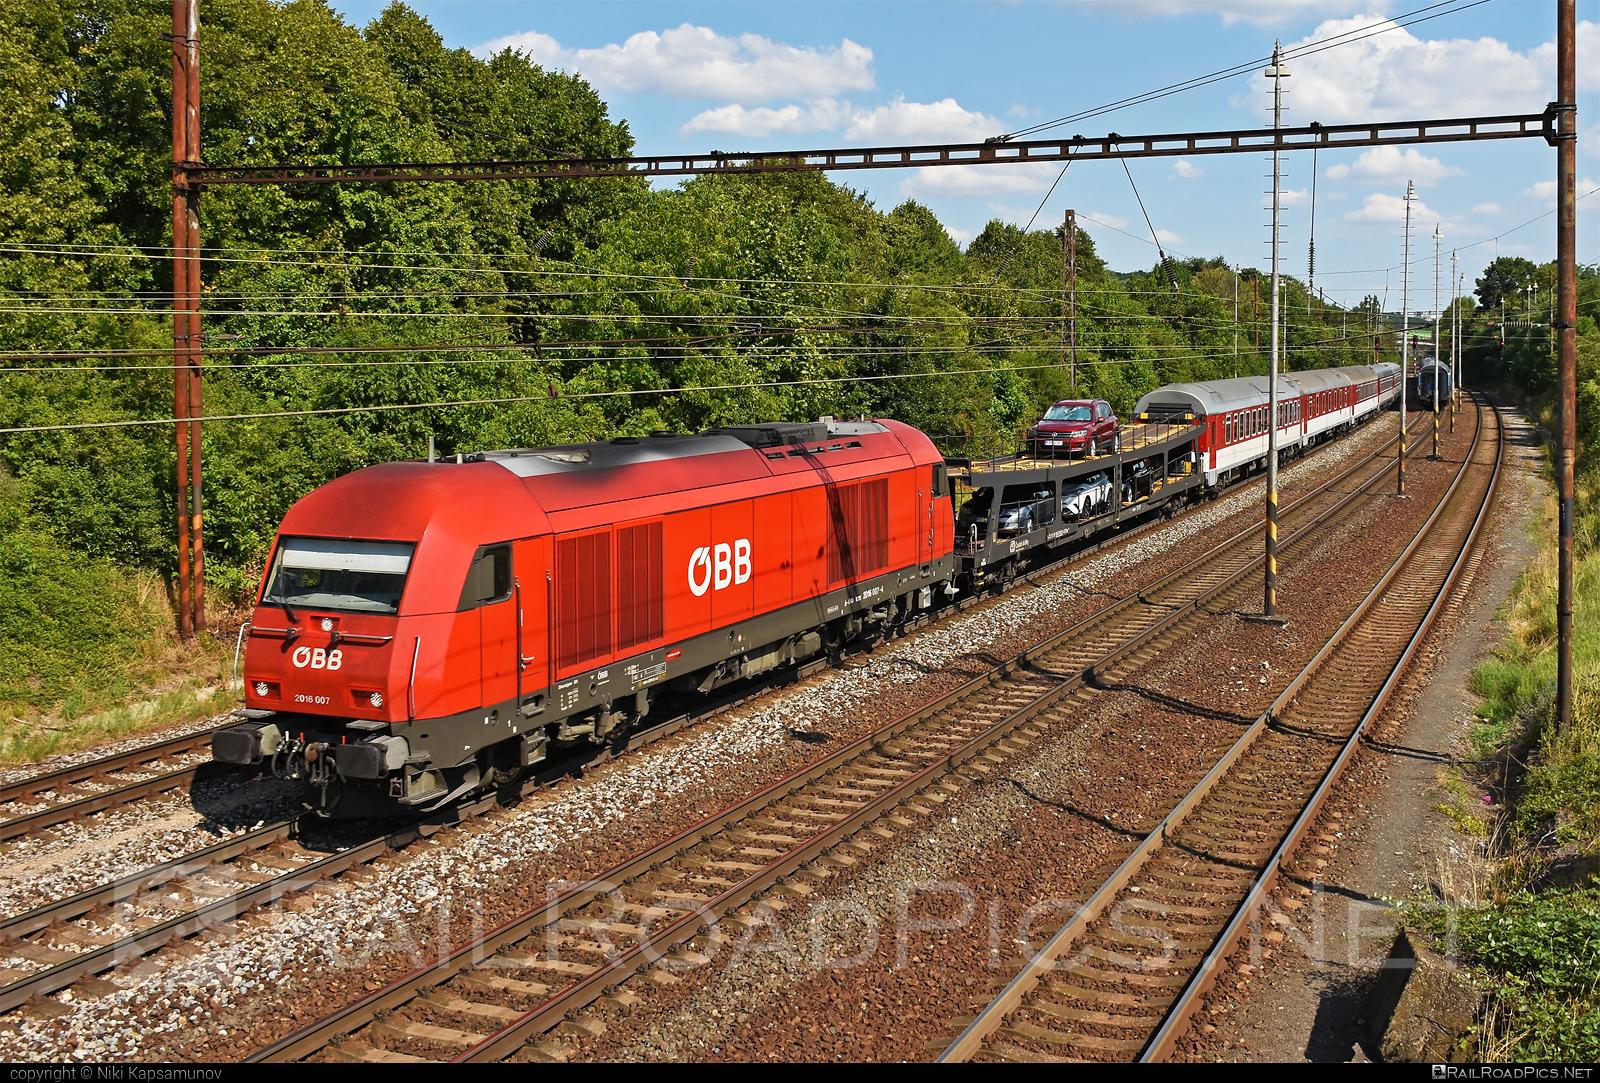 Siemens ER20 - 2016 007 operated by Österreichische Bundesbahnen #er20 #er20hercules #euronight #eurorunner #hercules #obb #osterreichischebundesbahnen #siemens #siemenser20 #siemenser20hercules #siemenseurorunner #siemenshercules